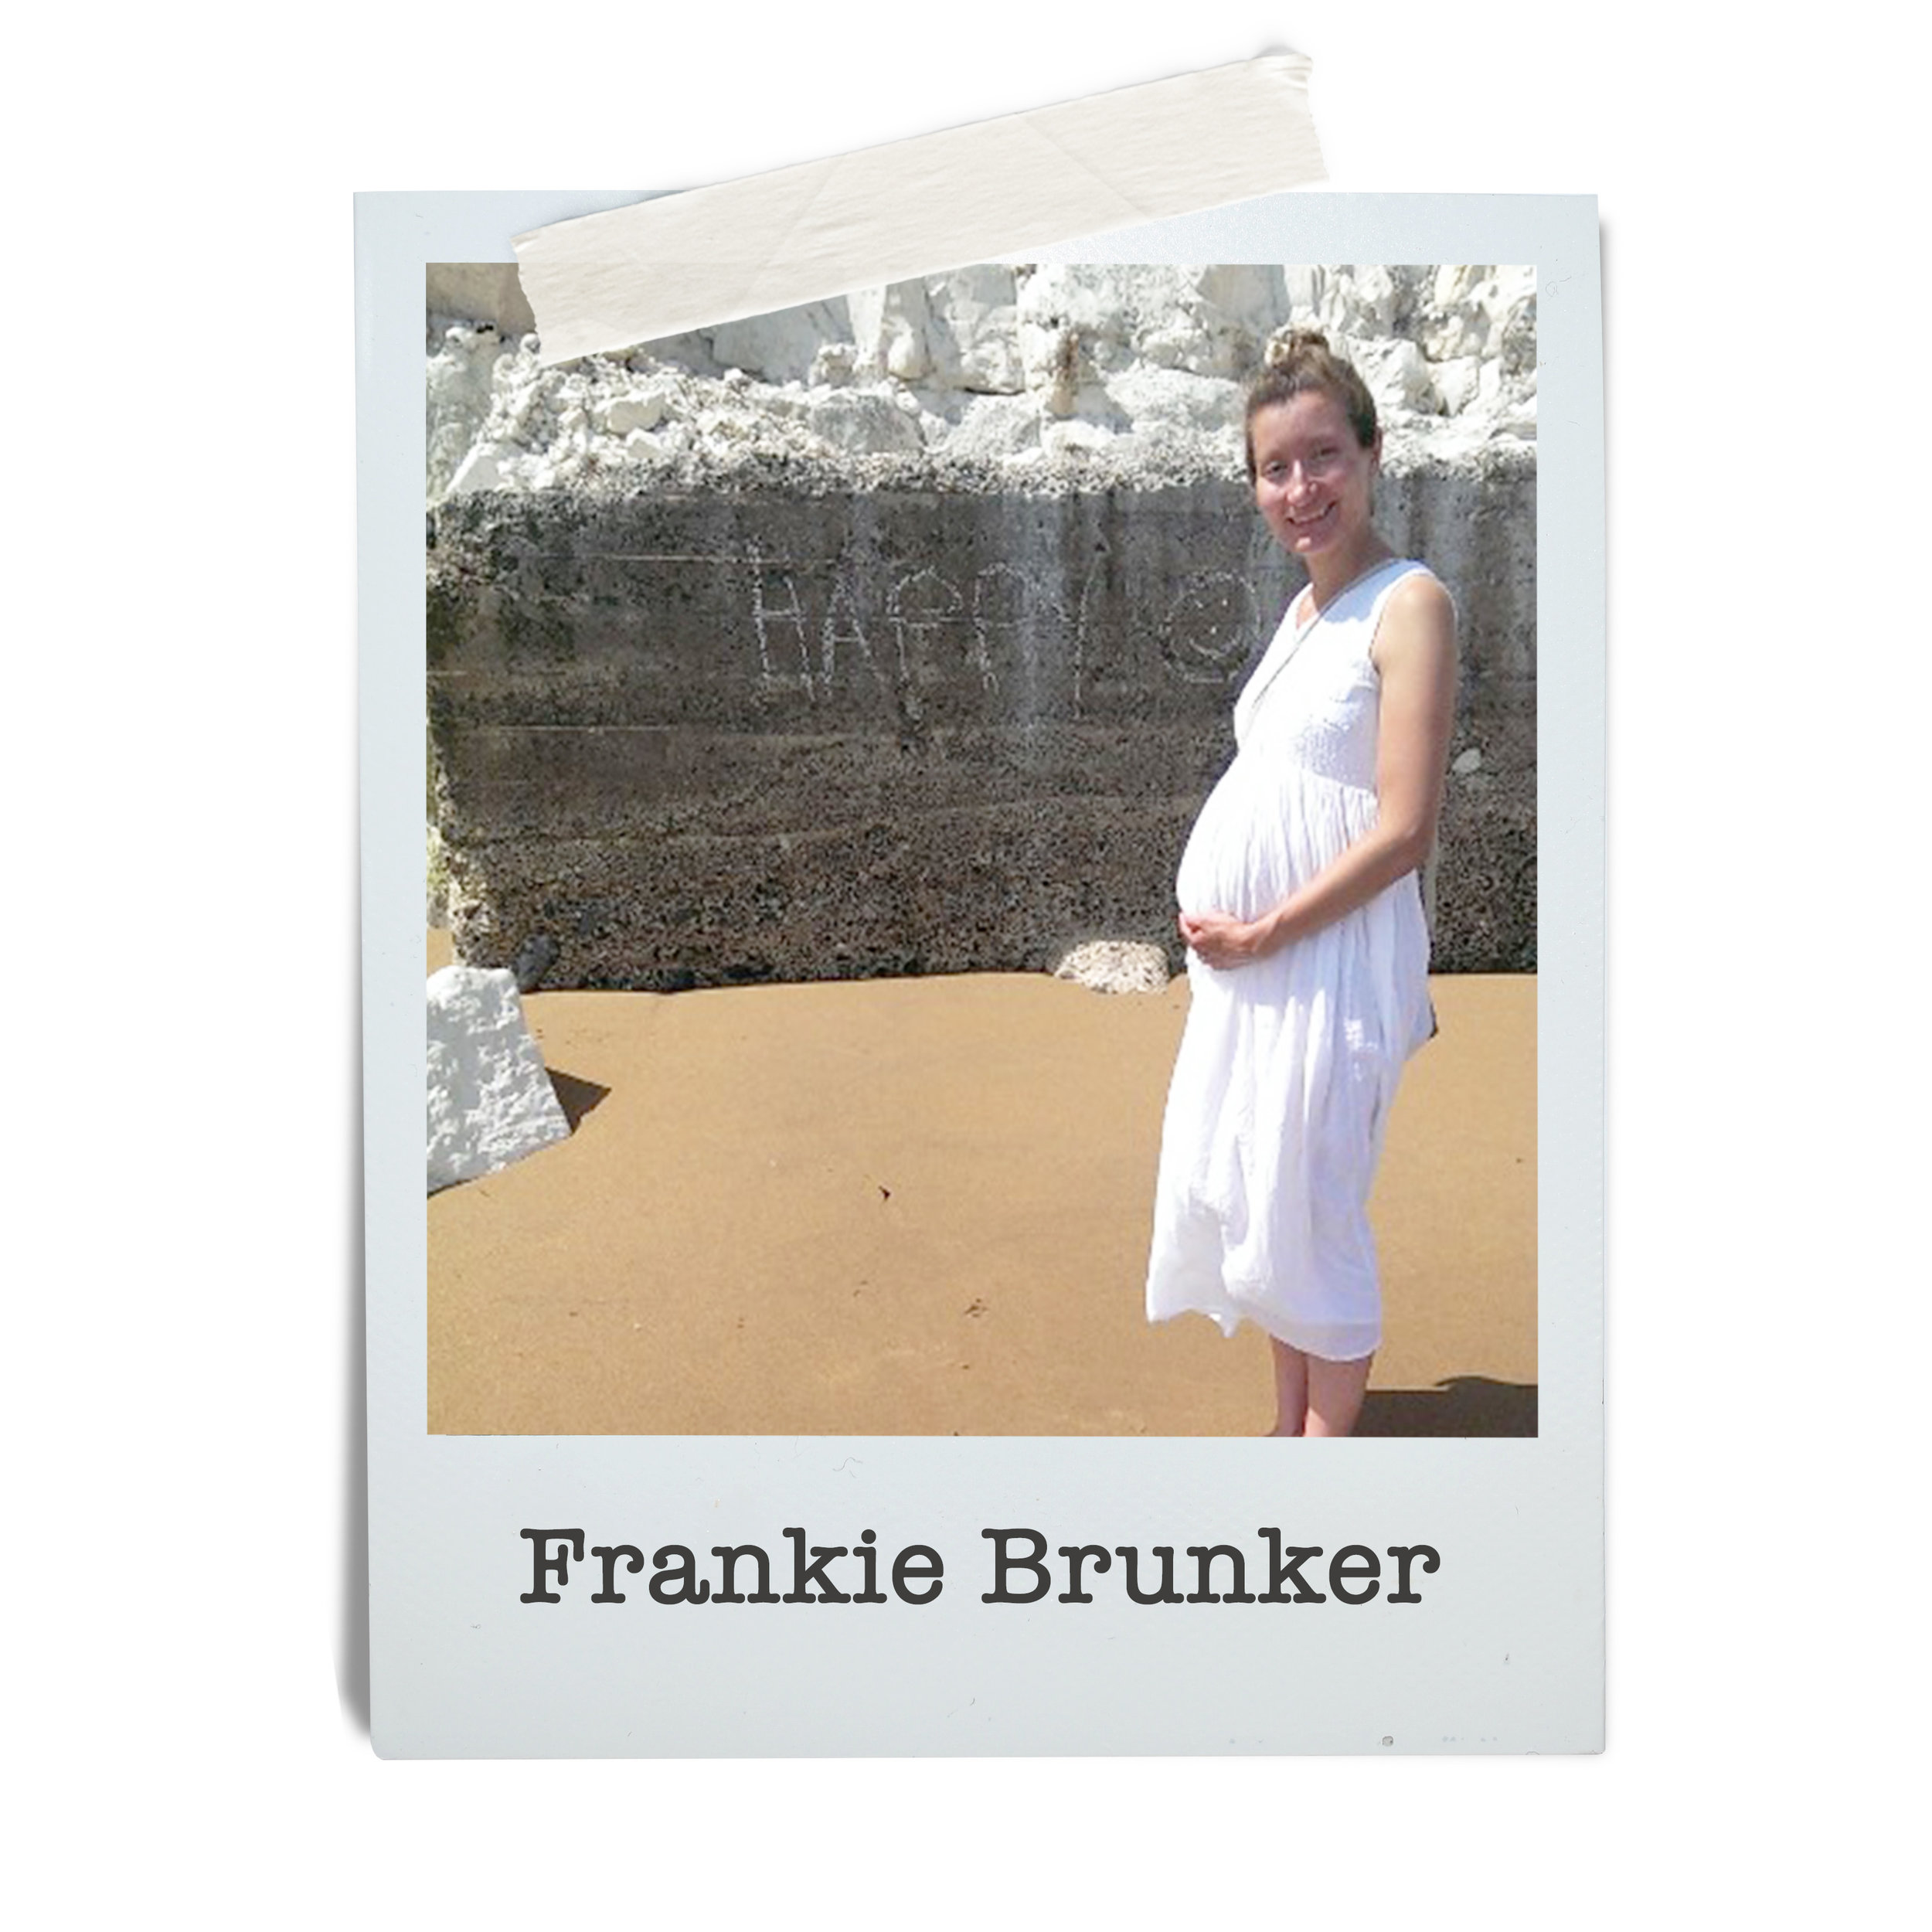 Frankie Brunker